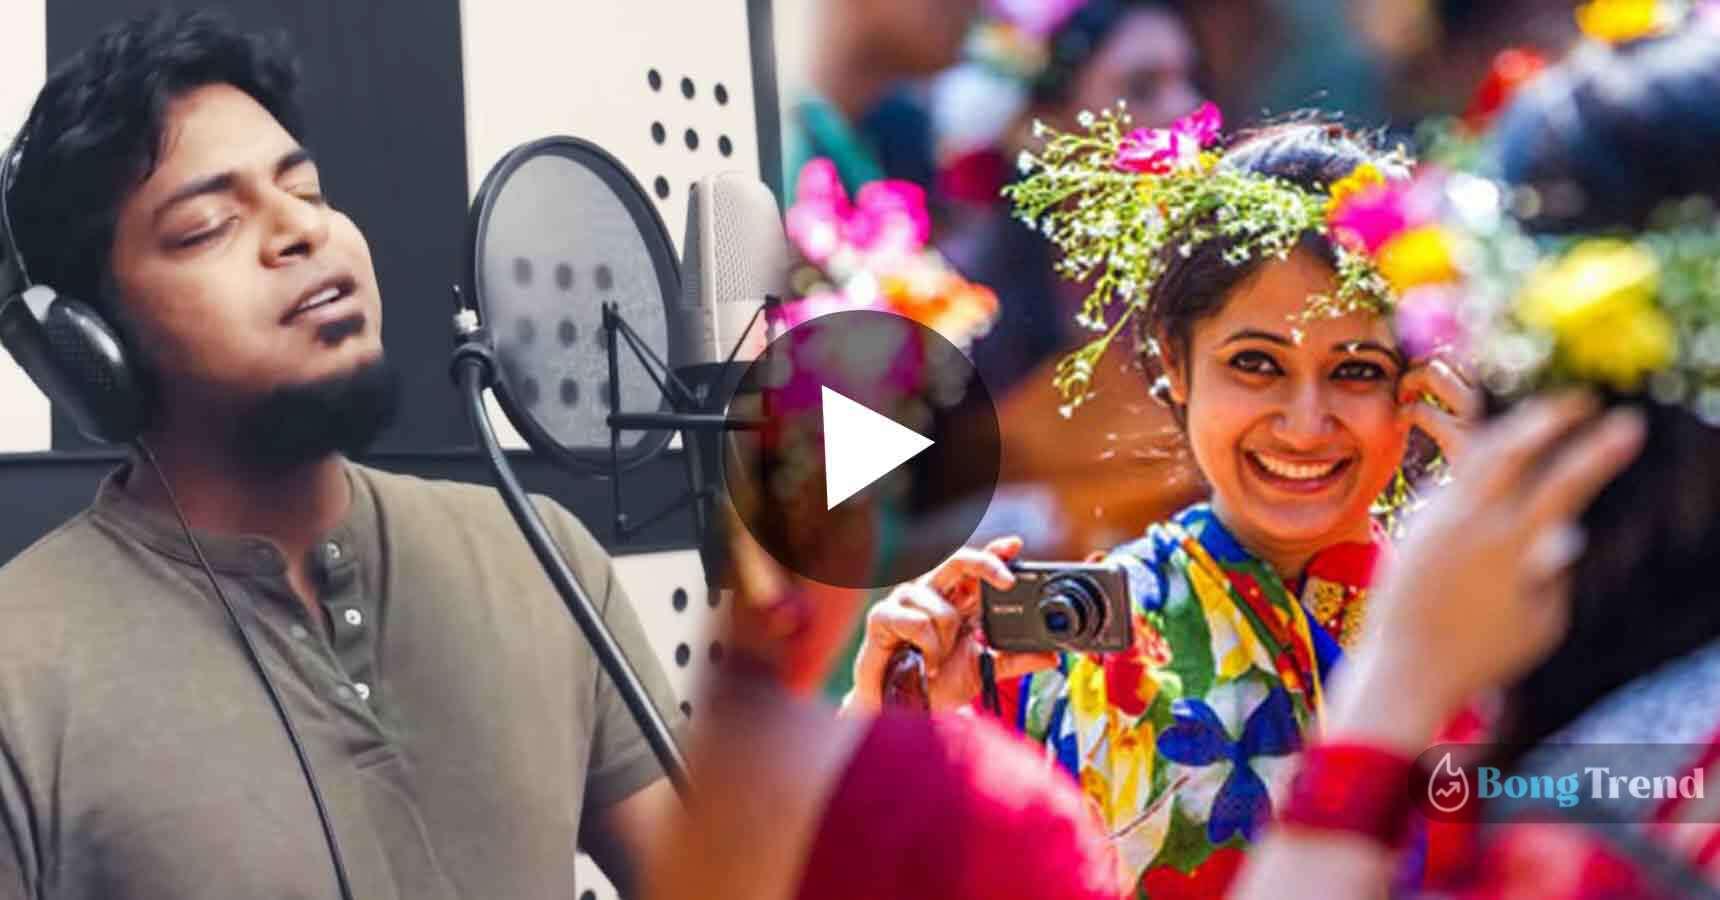 Photo of শুভ নববর্ষ উপলক্ষে ভাইরাল দুর্নিবার সহ একগুচ্ছ সংগীতশিল্পীদের গলায় 'এসো বৈশাখ এসো'